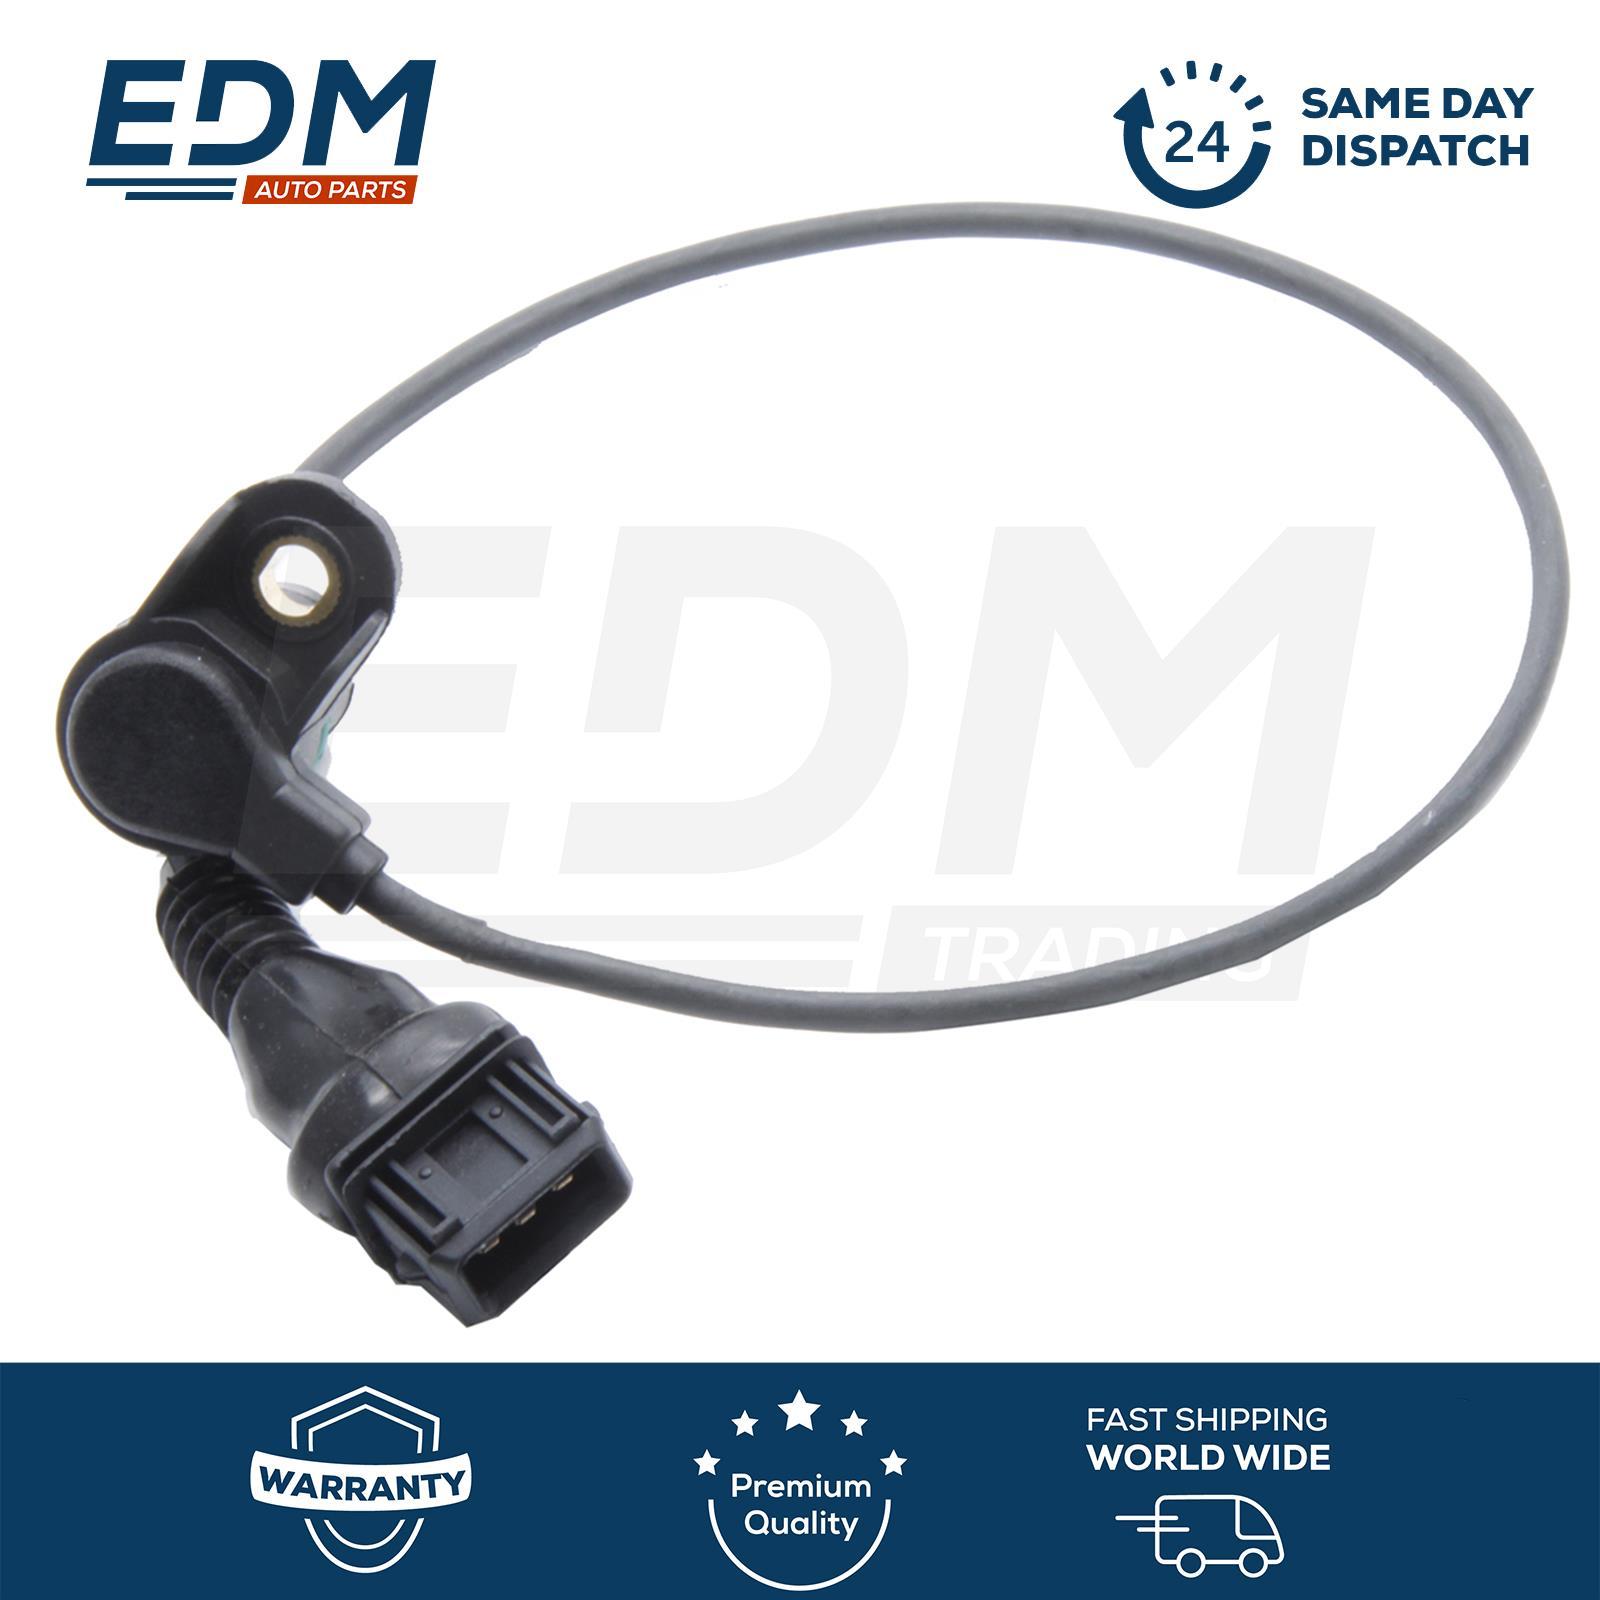 ENGINE CAMSHAFT POSITION SENSOR For BMW Z3 Z4 E36 E85 2.0 2.2 2.5 2.8 3.0